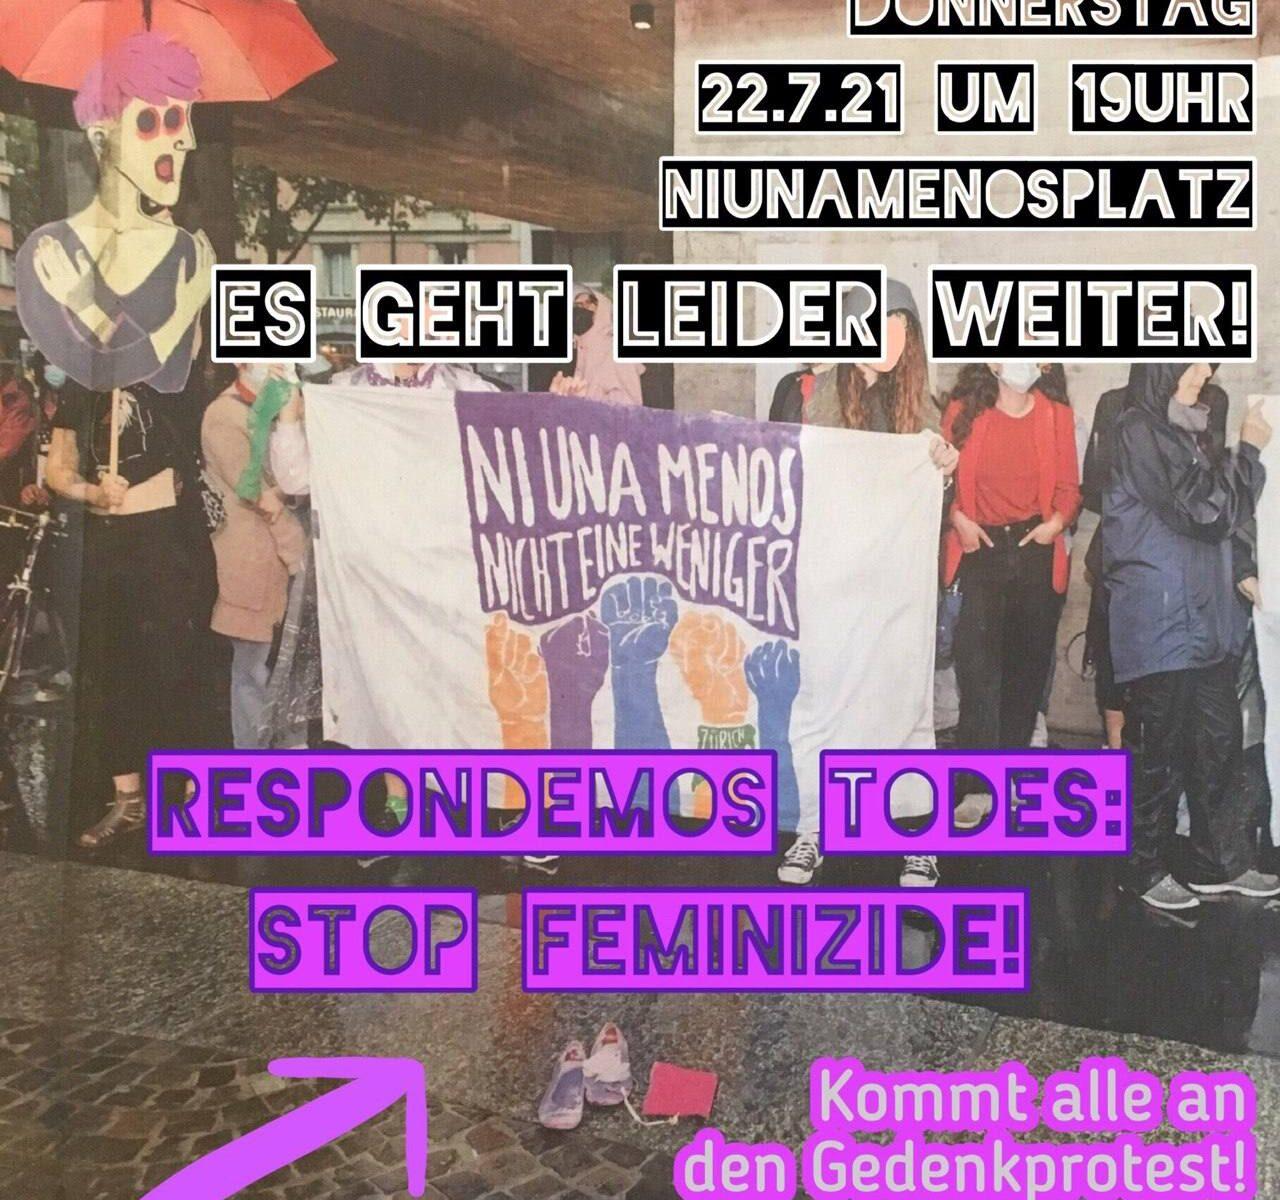 """Ein Foto des Ni Una Menos Protestes auf dem Ni Una Menos Platz bei Regen. Das Transparent auf dem steht """"Ni Una Menos Nicht eine Weniger"""" und viele hochgestreckte Fäuste ist zu sehen und daneben ein Klageweib aus Karton. Über dem Foto steht """"Es Geht Leider Weiter! Respondemos Todes: Stop Feminizide Kommt alle an den Gegenprotest!"""" und die Daten des Protests, siehe Veranstaltung"""